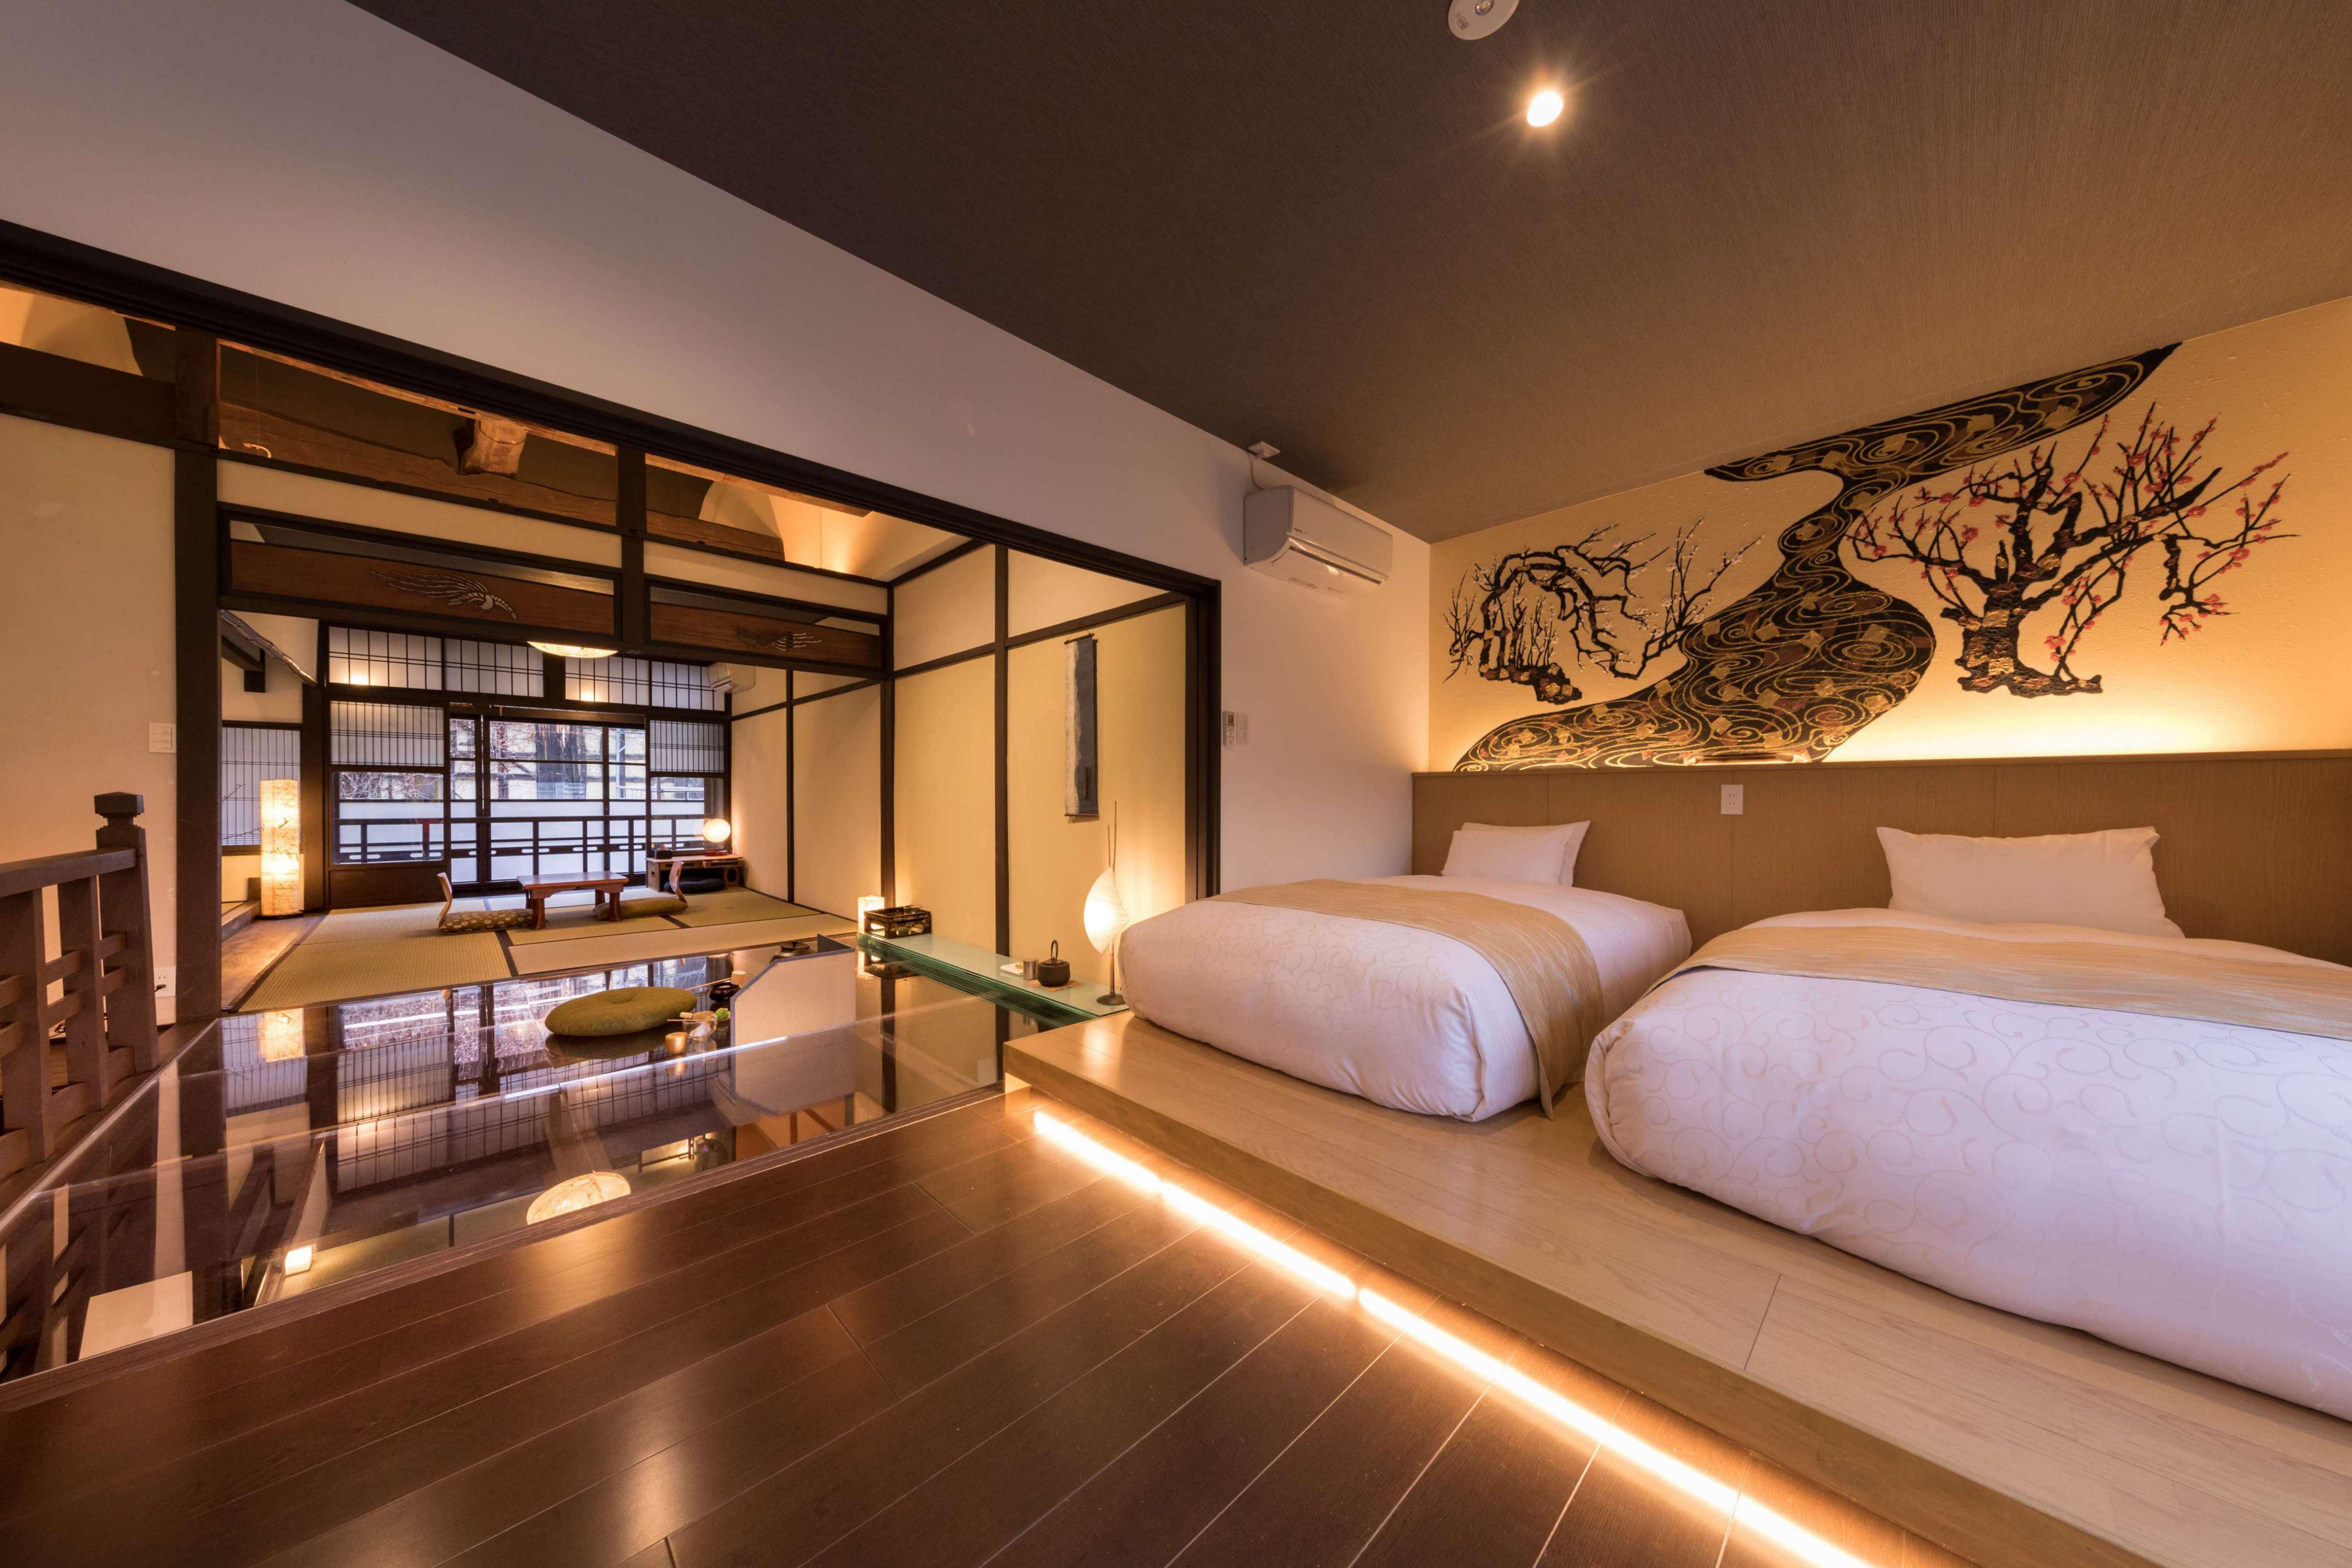 五大台灣人旅行最愛的住宿設計風格 你是不是也喜歡這些風格